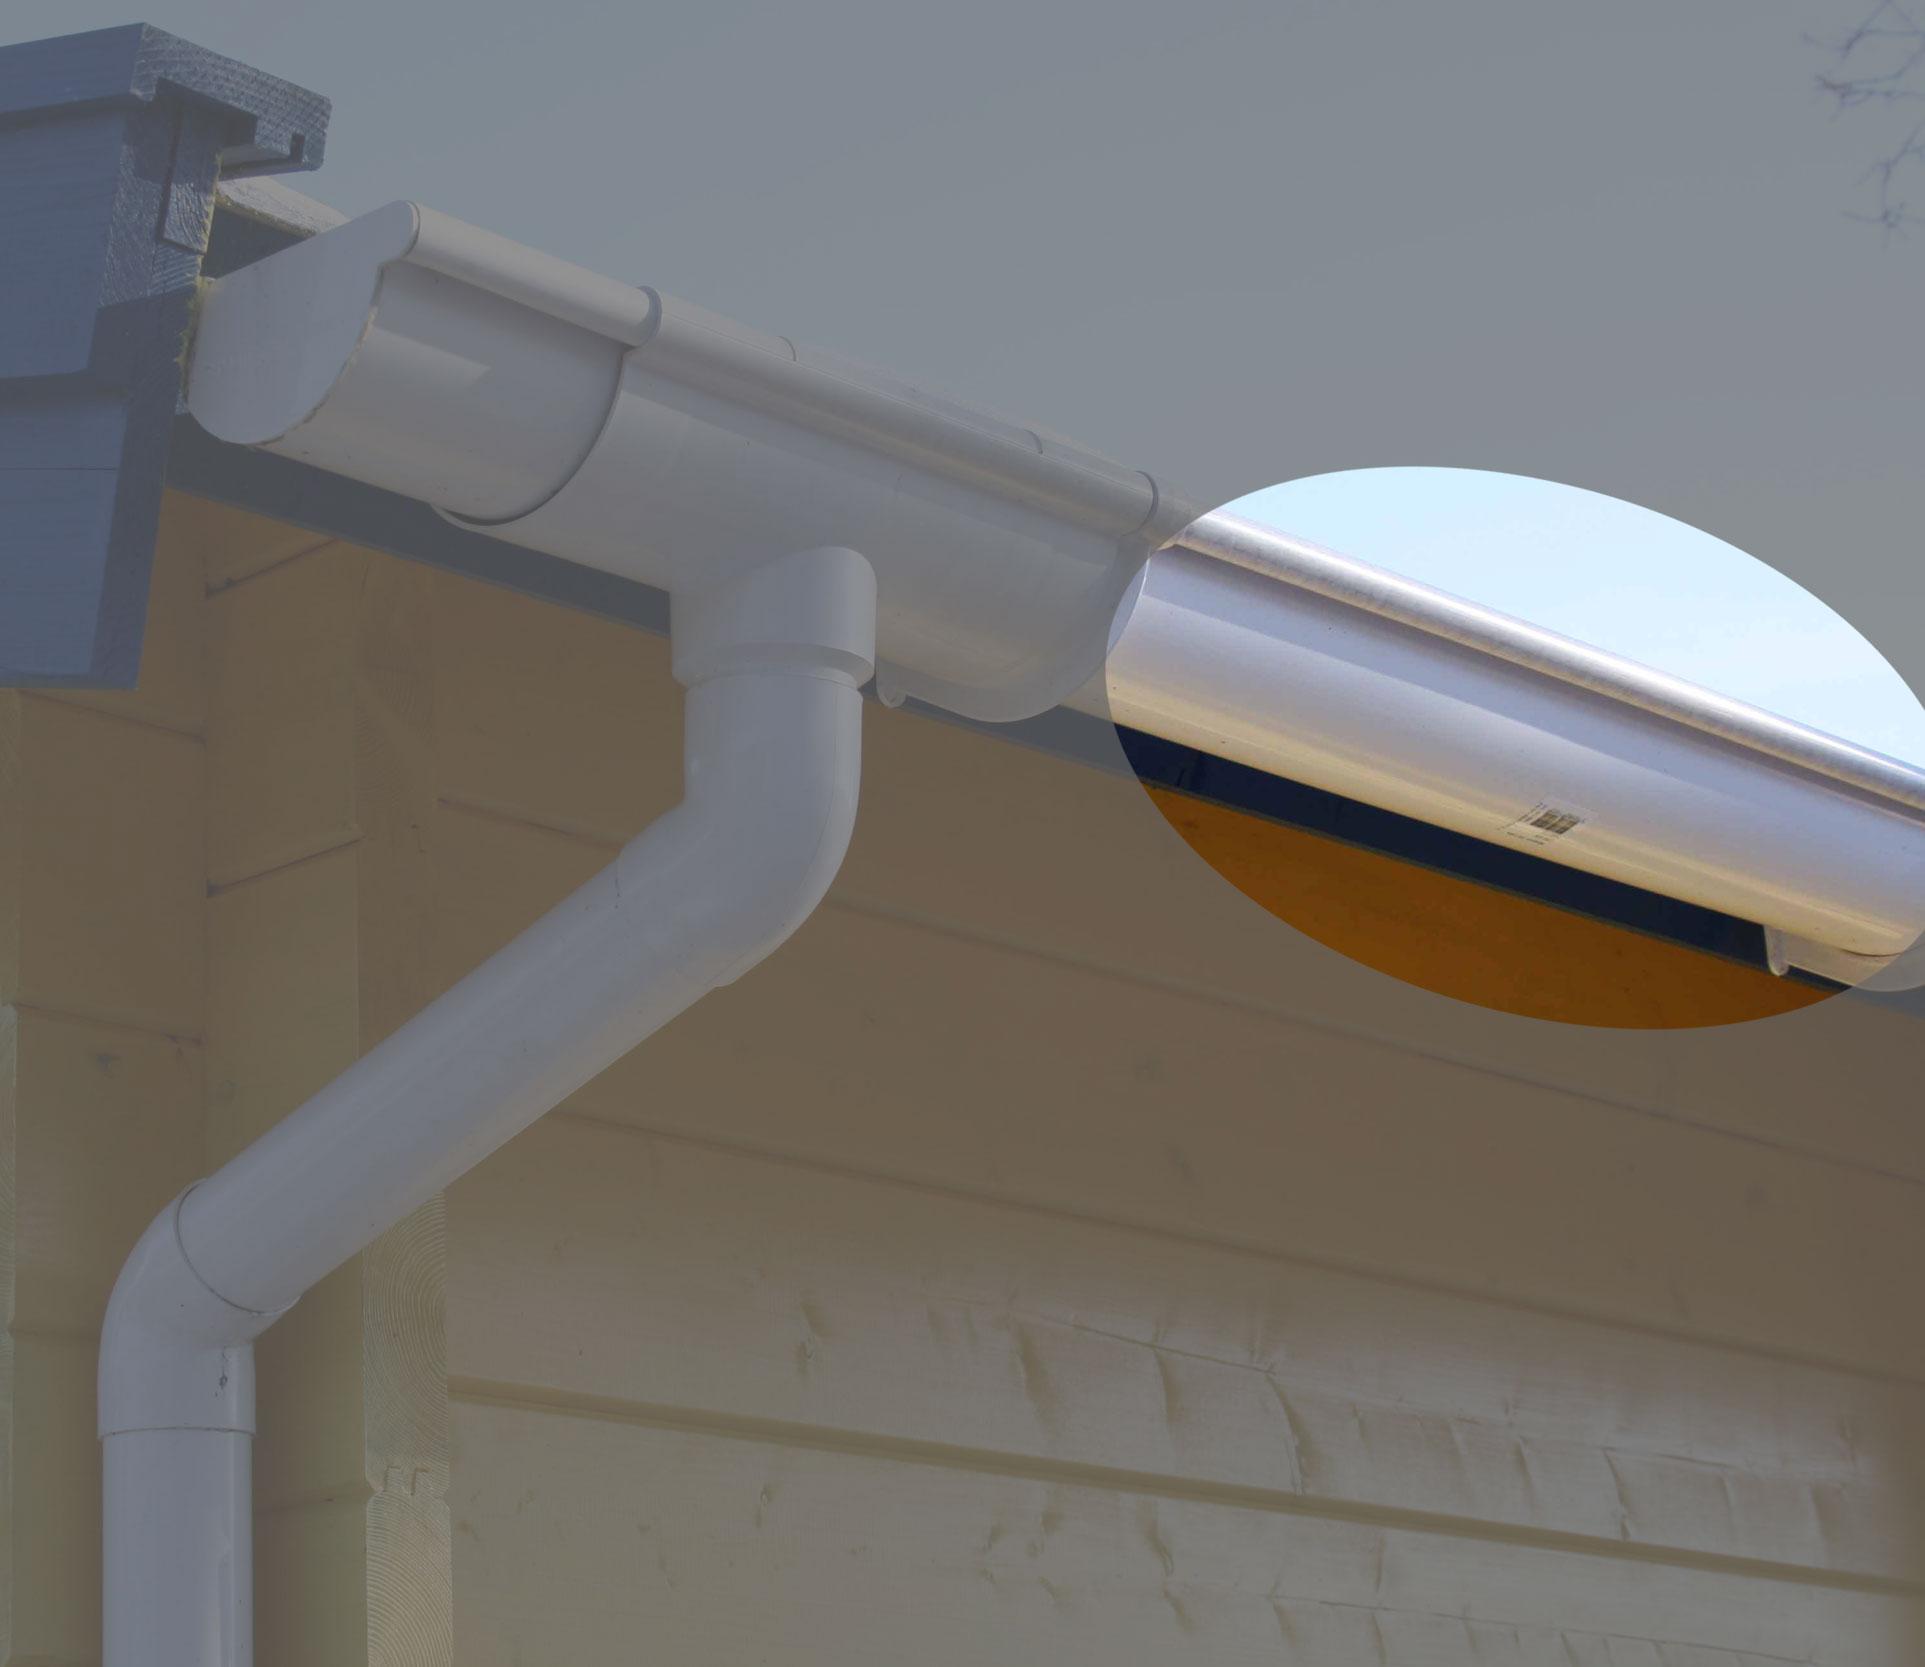 Dachrinnen Ergänzungsset K4B RG100 Anbauten bis 2m rund PVC weiß Bild 1